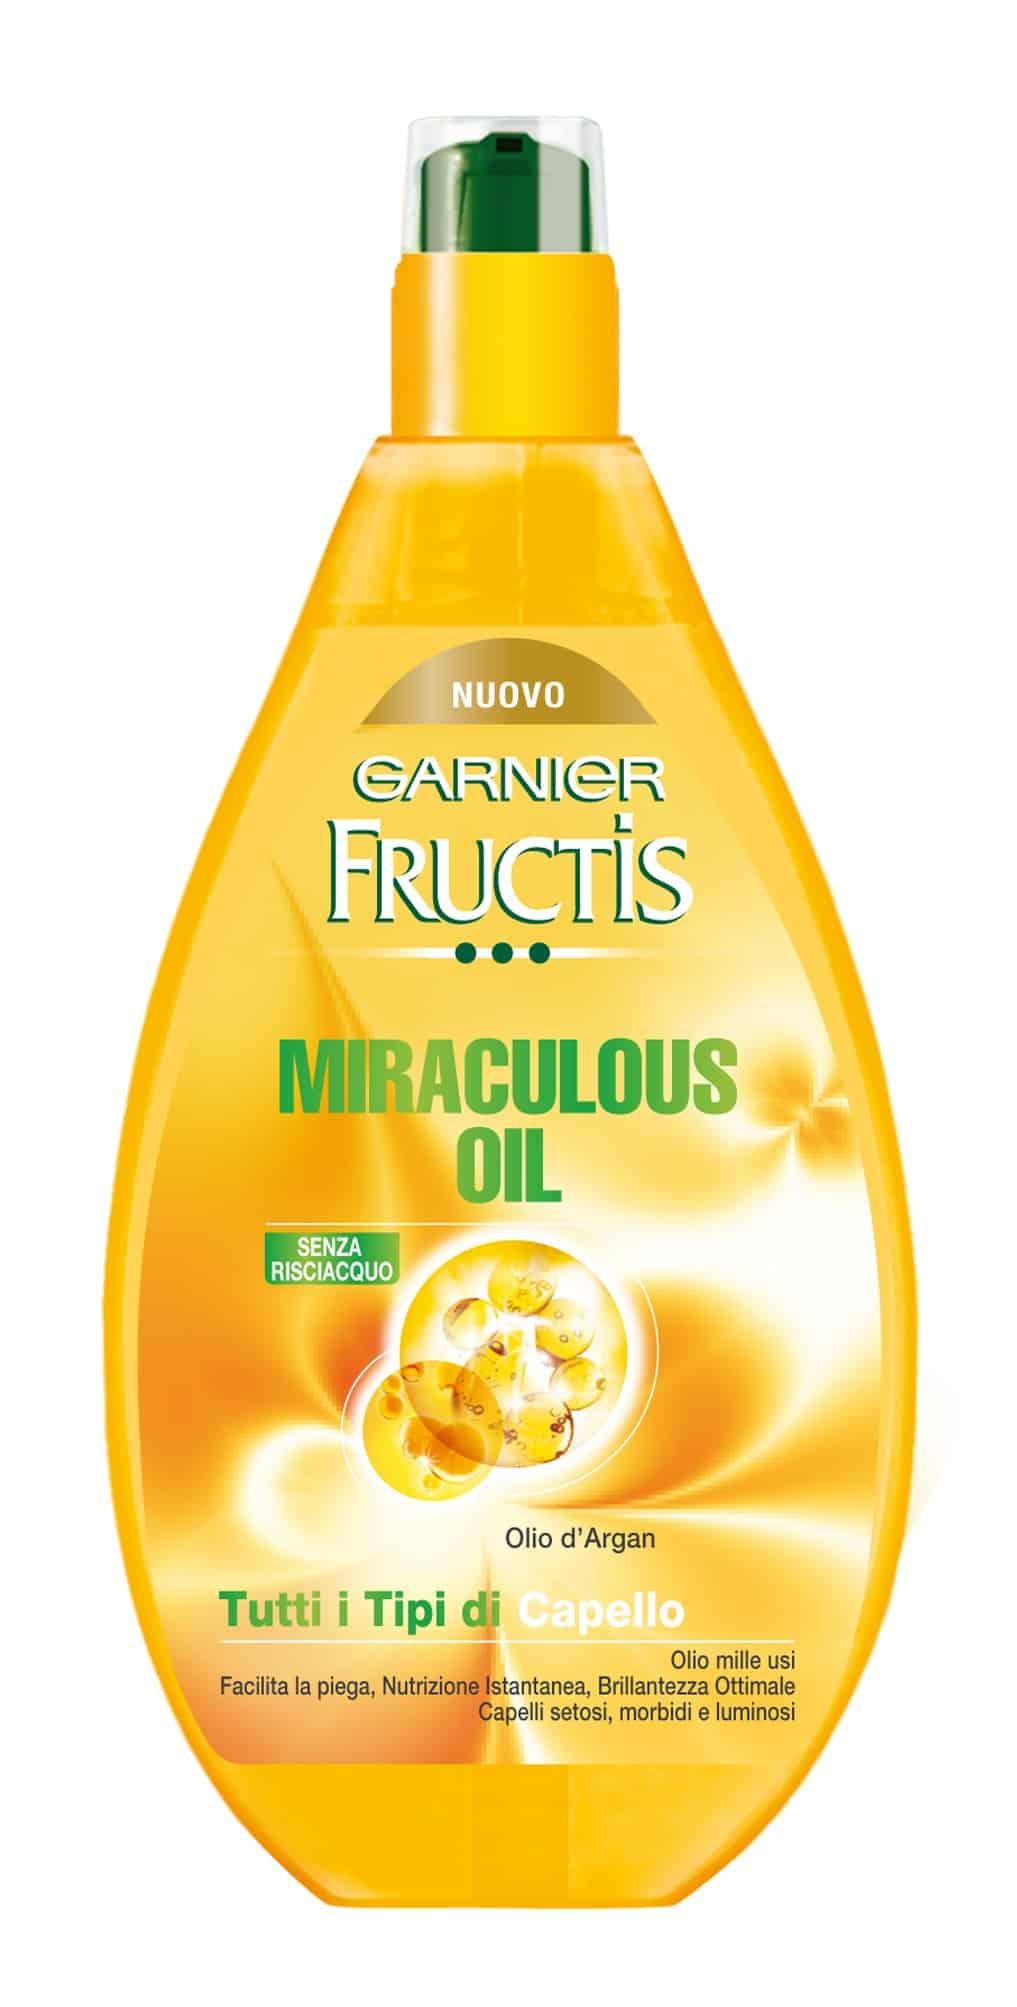 Fructis MIRACULOUS OIL by Garnier, per avere capelli morbidi ed idratati anche in vacanza